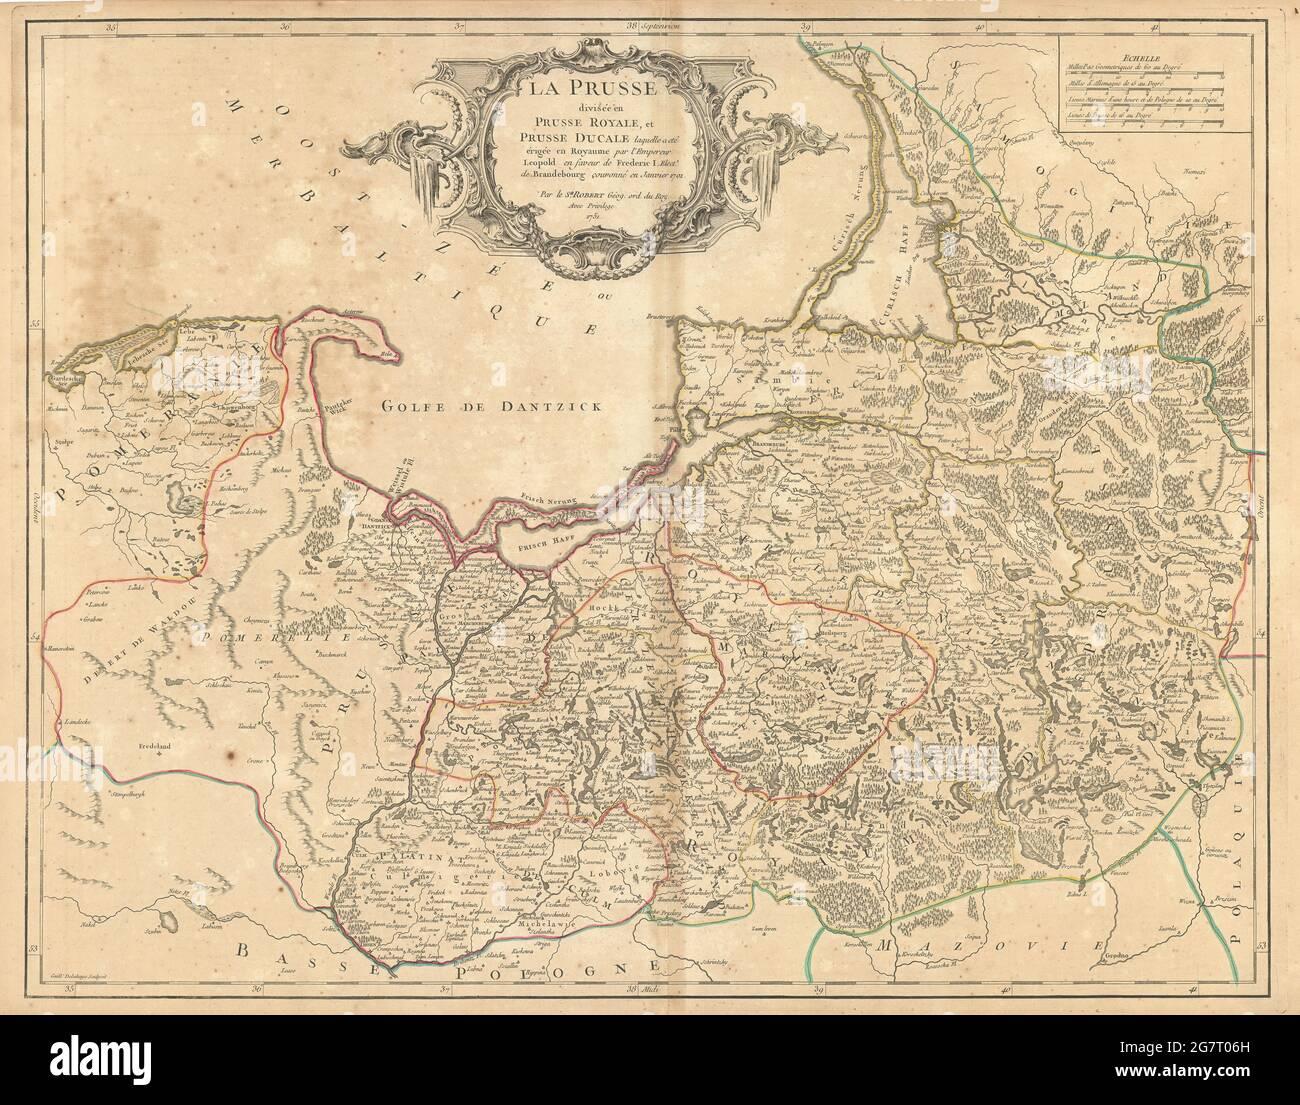 'La Prusse divisée en Prusse Royale et Prusse Ducale' Pologne CARTE DE VAUGONDY 1751 Banque D'Images